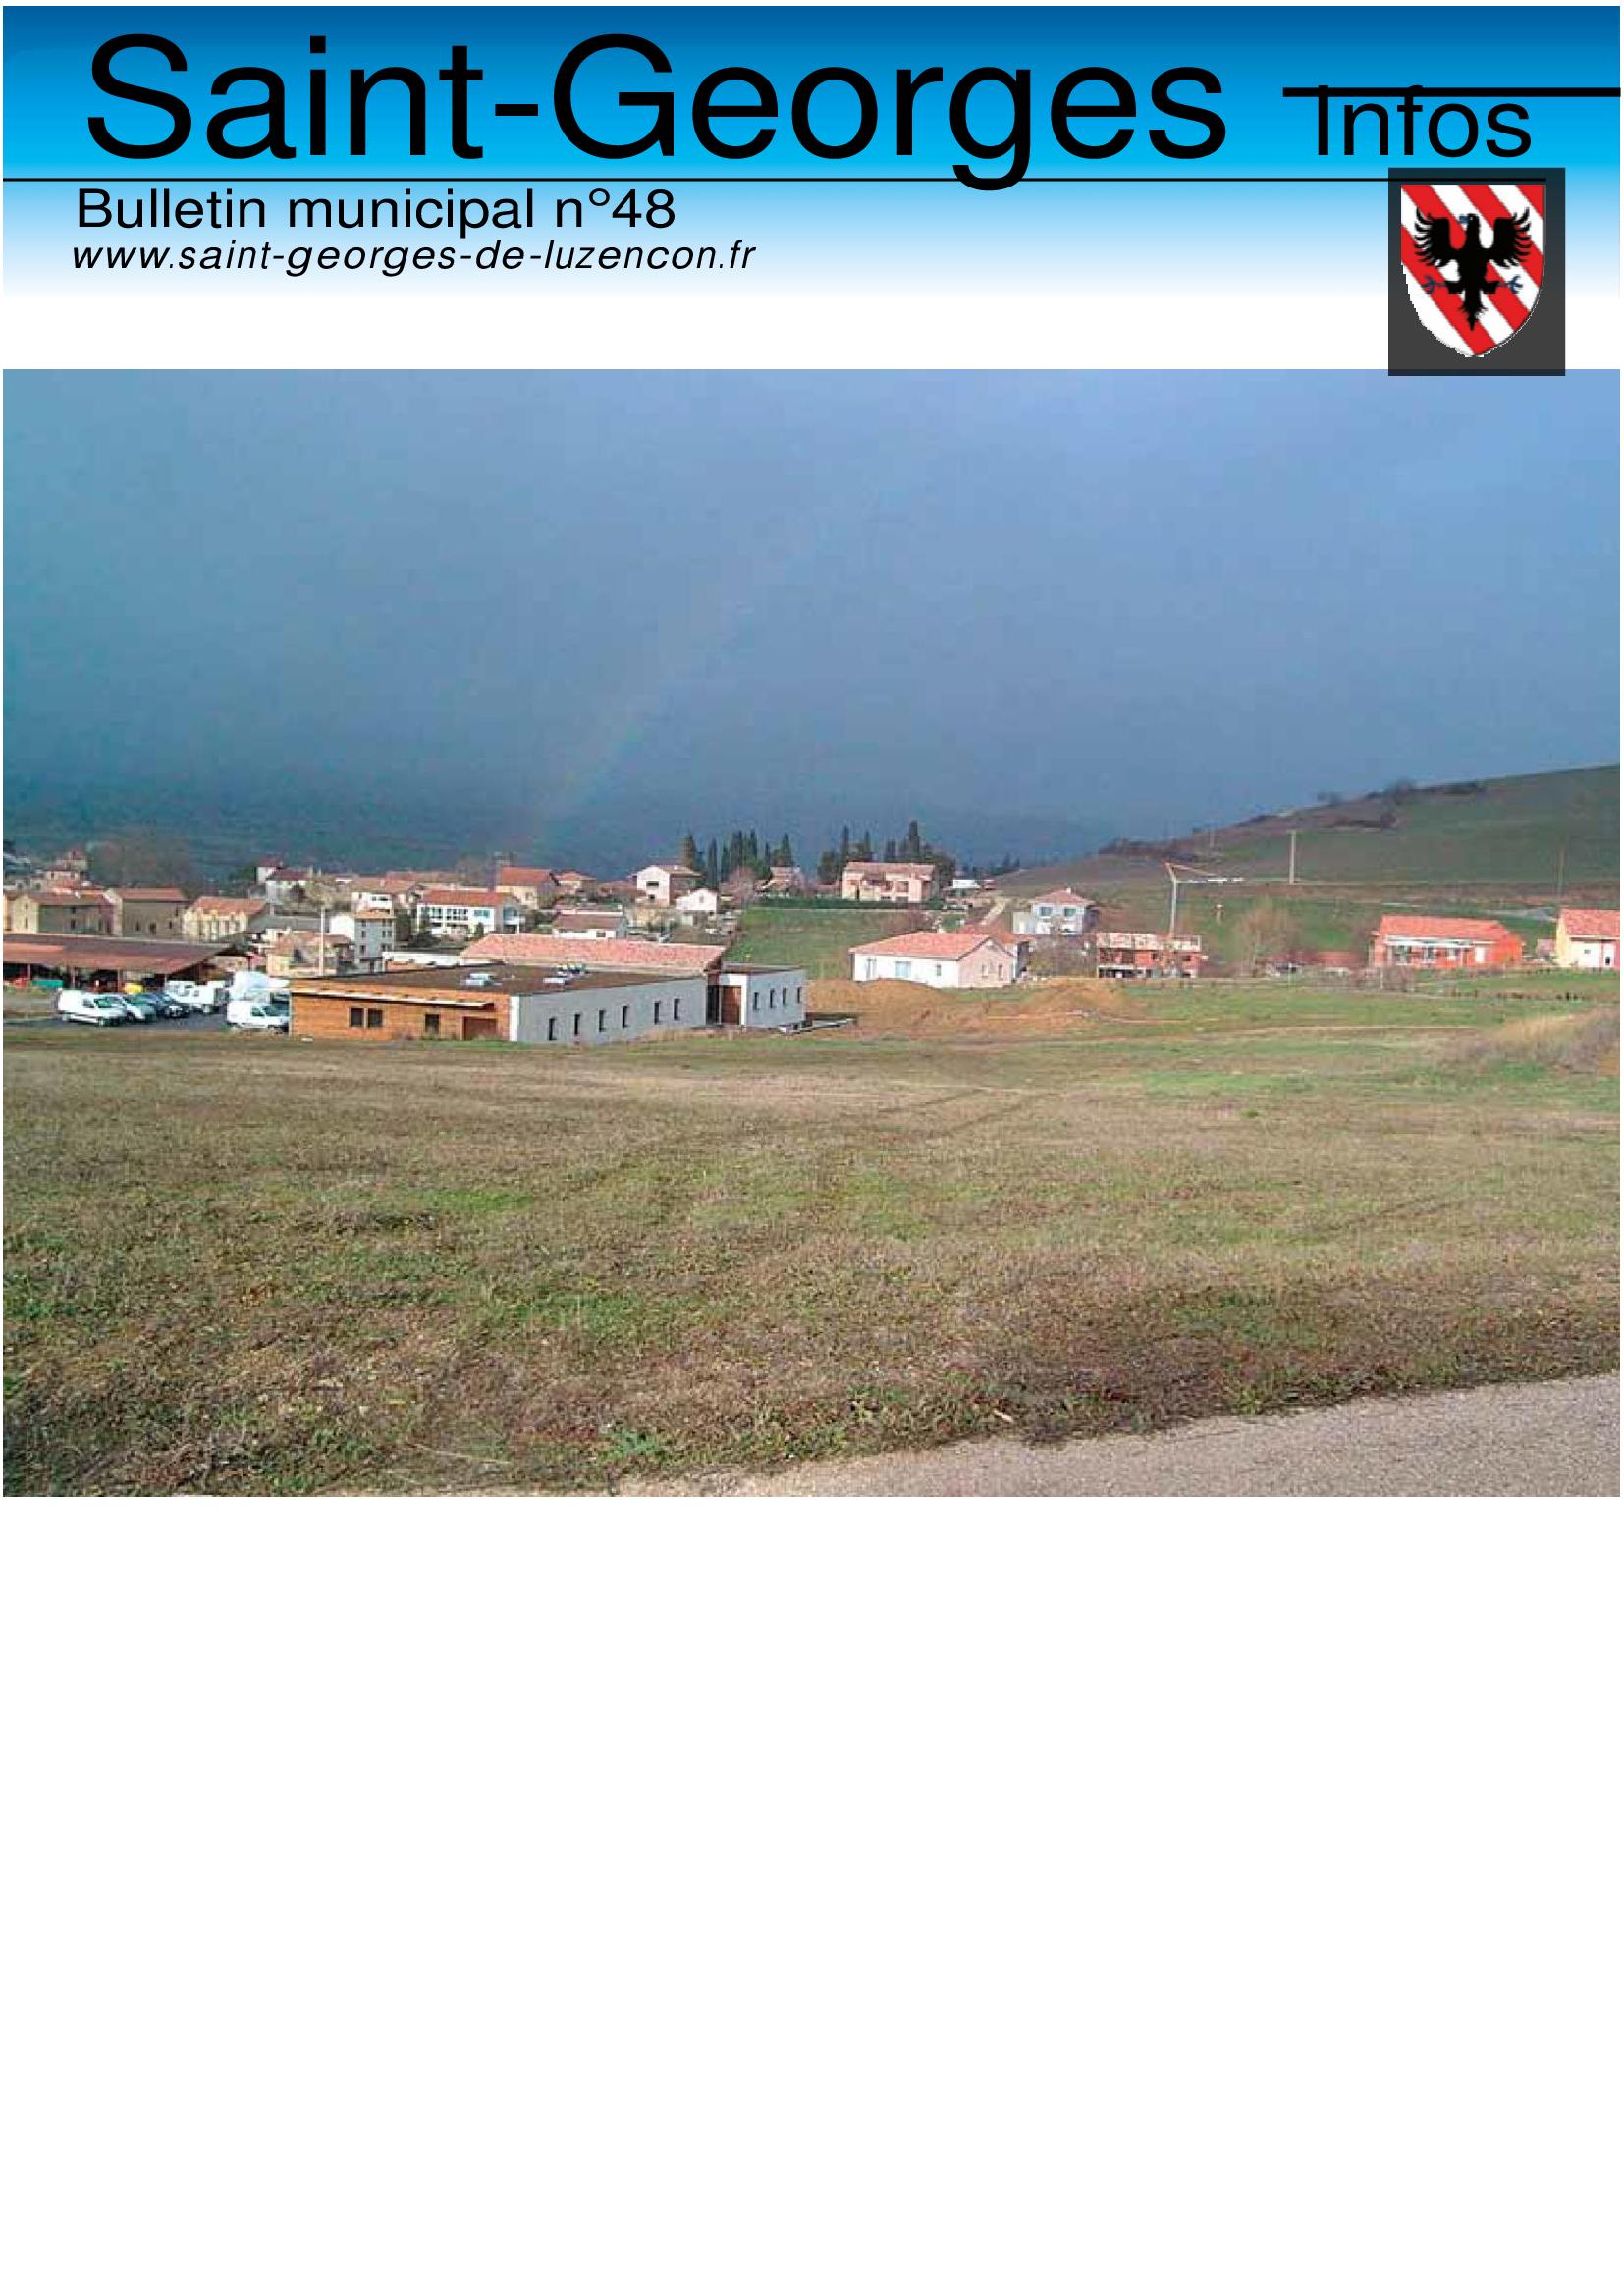 bulletin municipal n°48